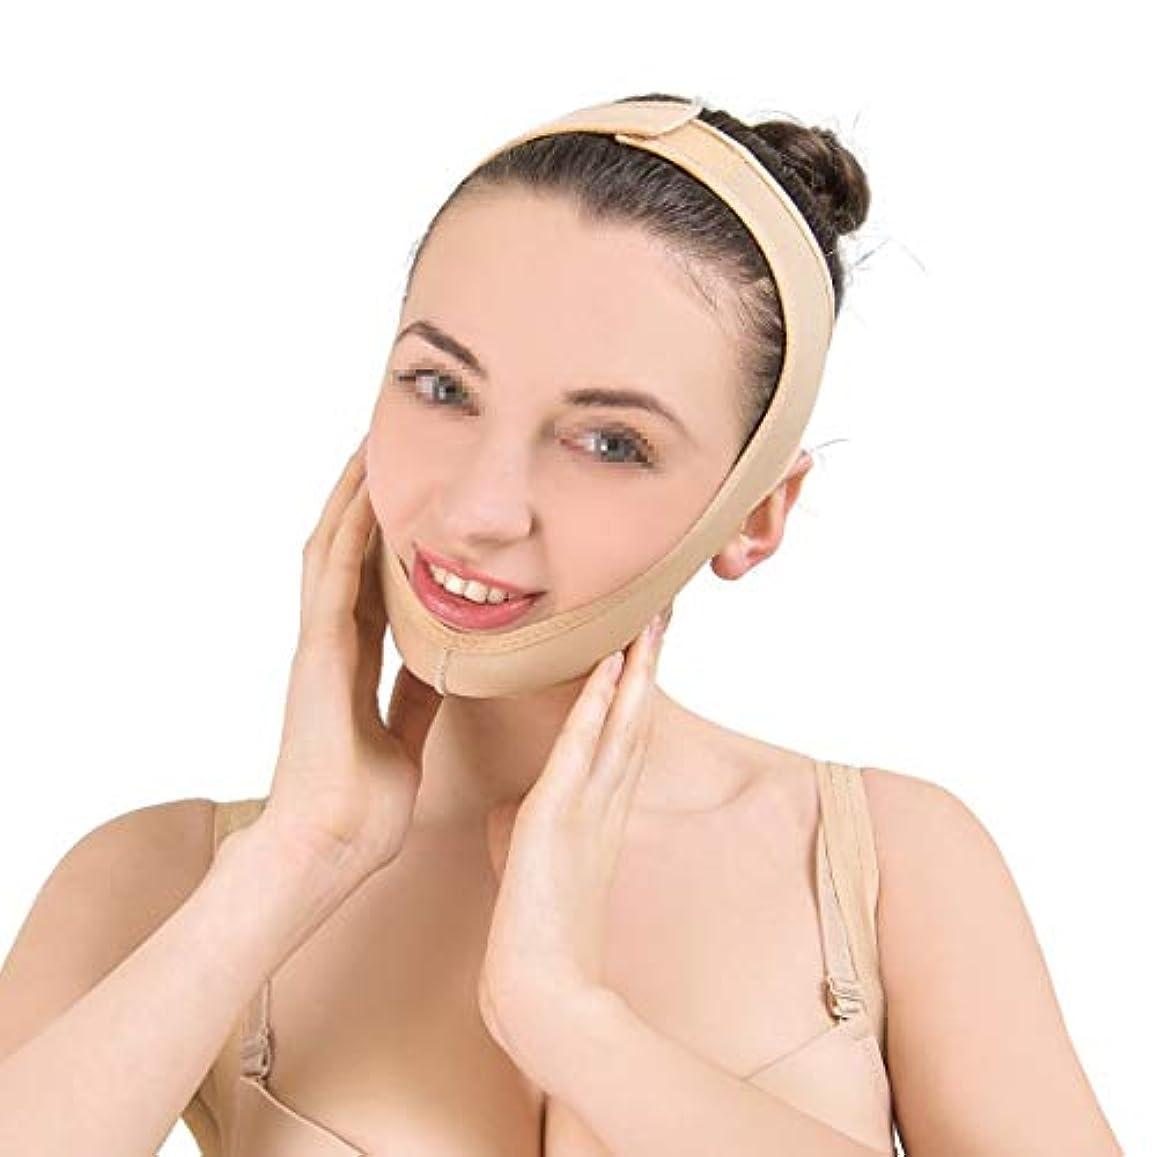 実行歯ミニチュアZWBD フェイスマスク, フェイシャル痩身フェイシャルマスクリフティングベルトで肌の包帯を引き締め、Vフェイスライン包帯のダブルチンケア減量ベルトを強化 (Size : M)